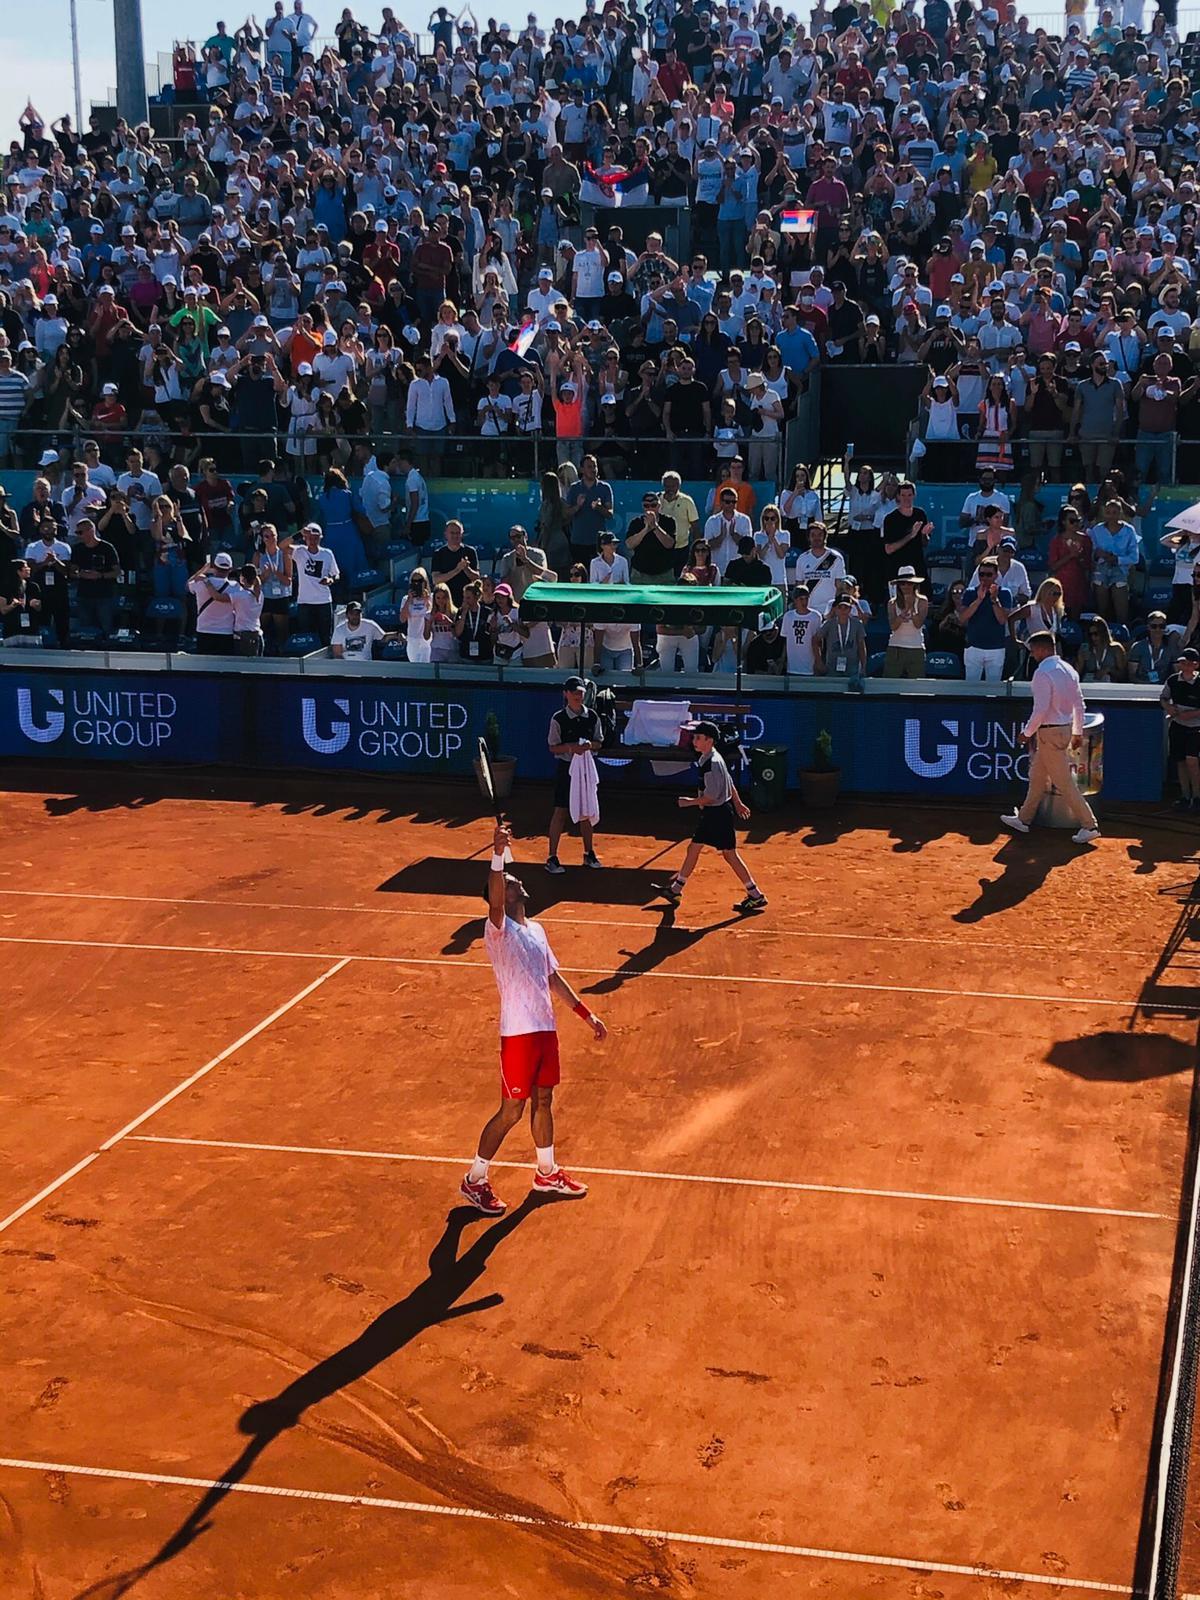 Više od vrhunskog tenisa! Hvala Novače!